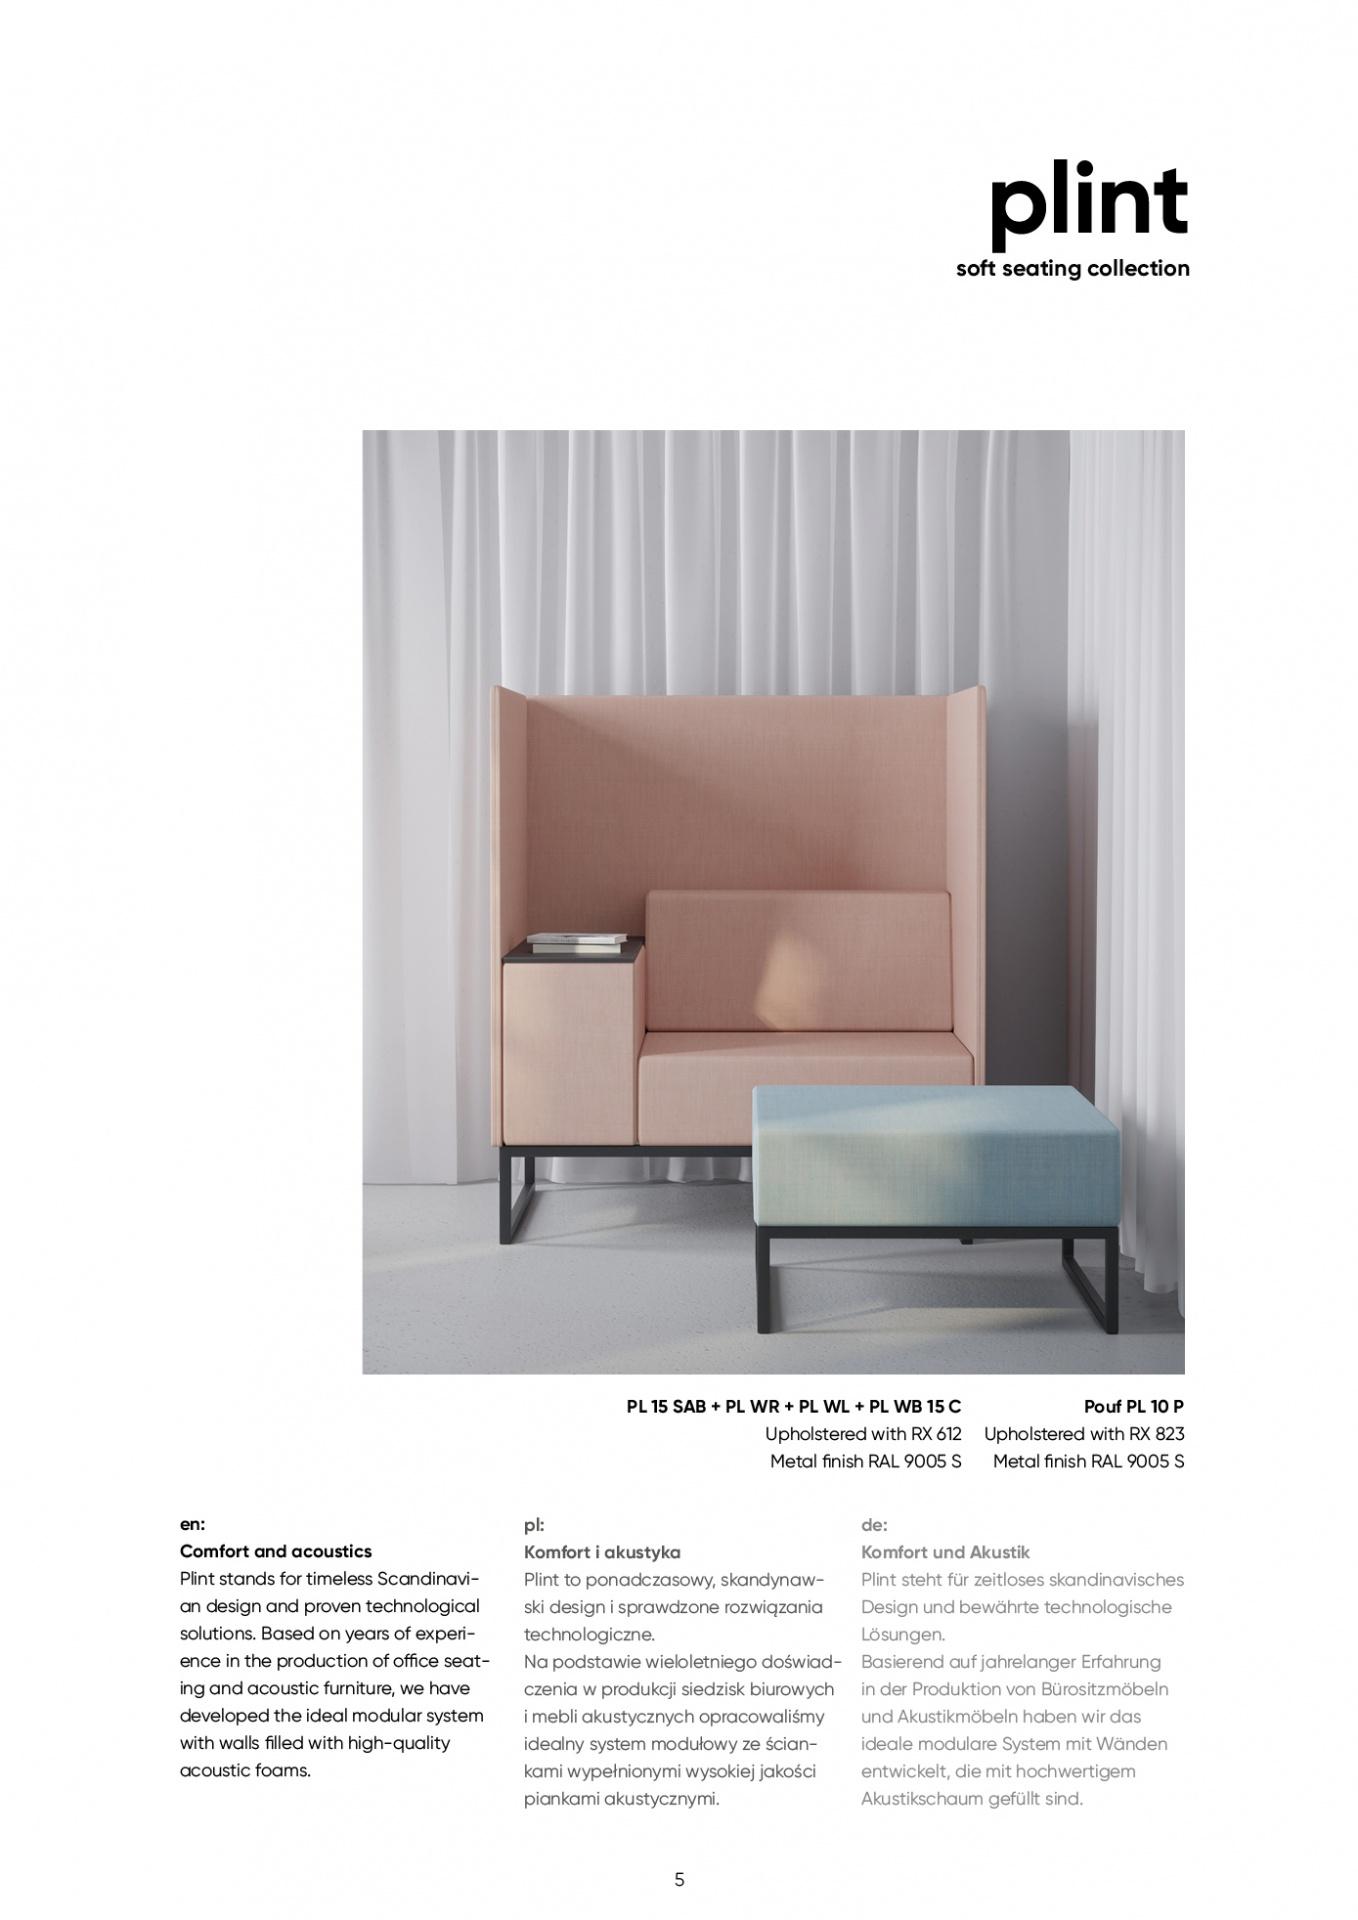 plint-catalogue-v2-5.jpg